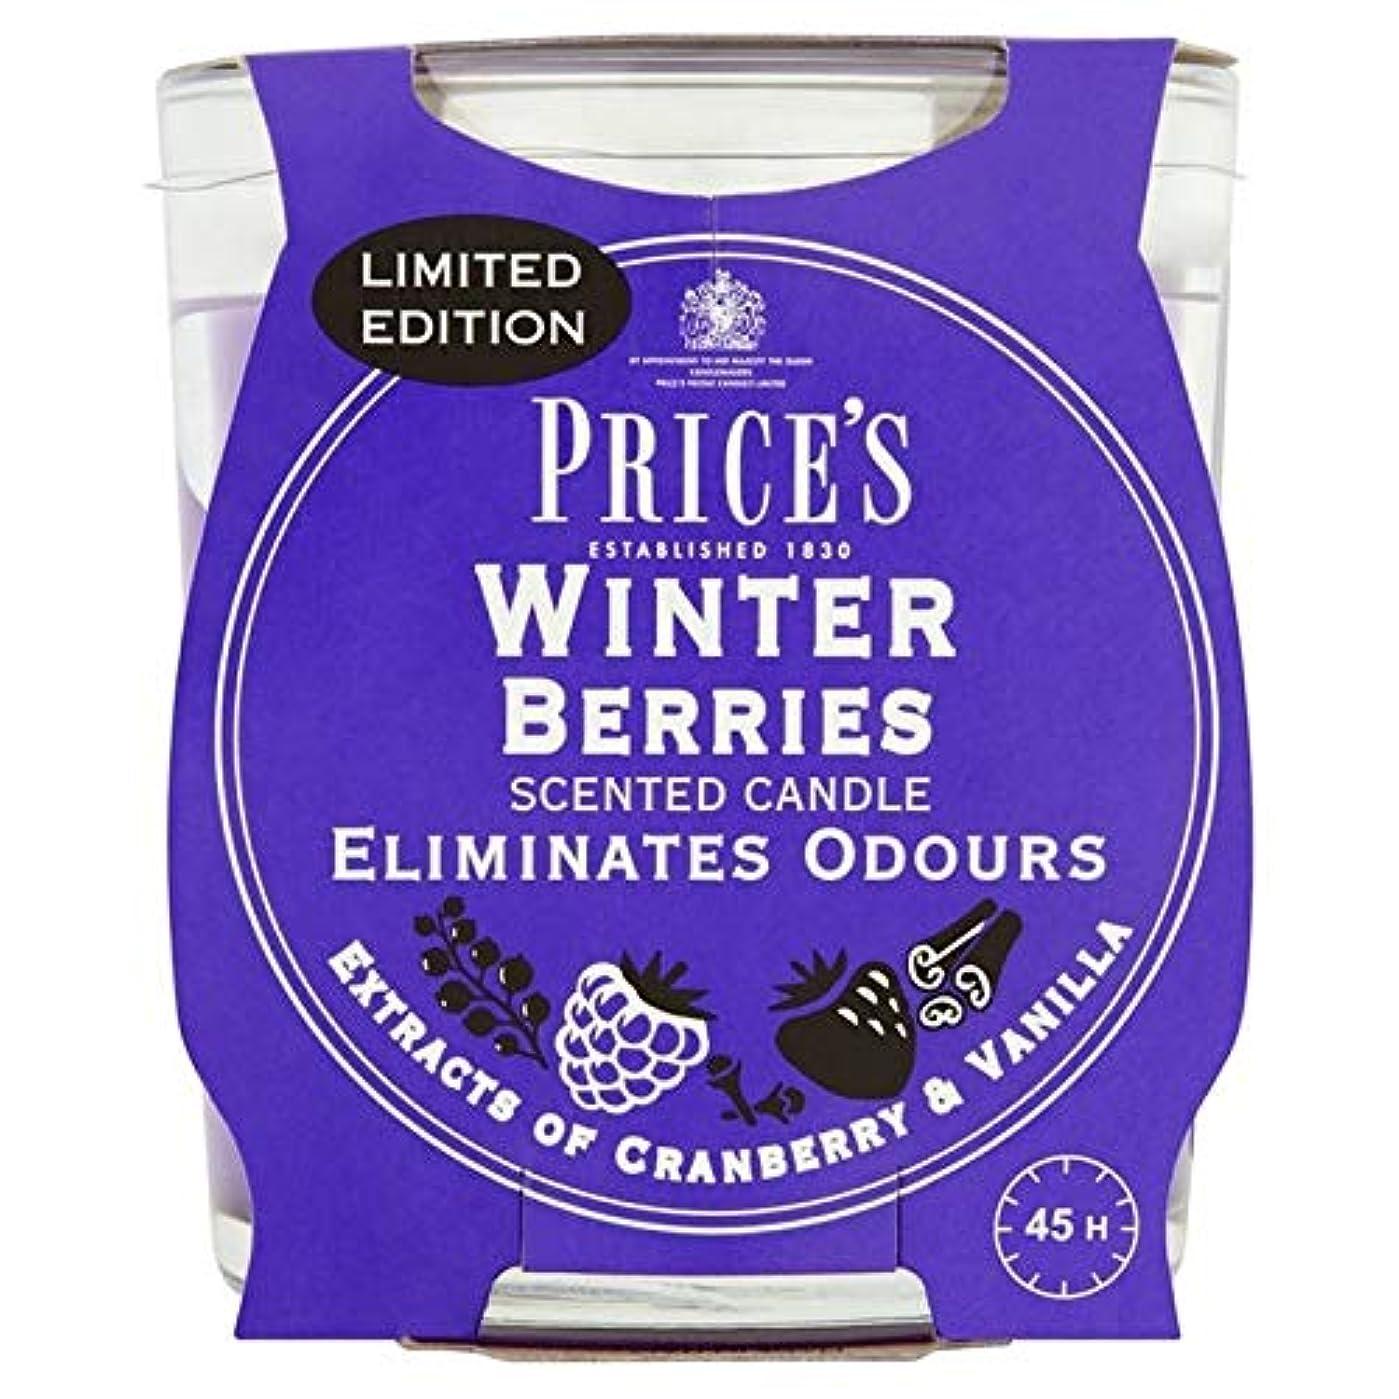 早熟神話忌み嫌う[Prices ] 価格の冬のベリーの香りのキャンドル - Price's Winter Berries Scented Candle [並行輸入品]